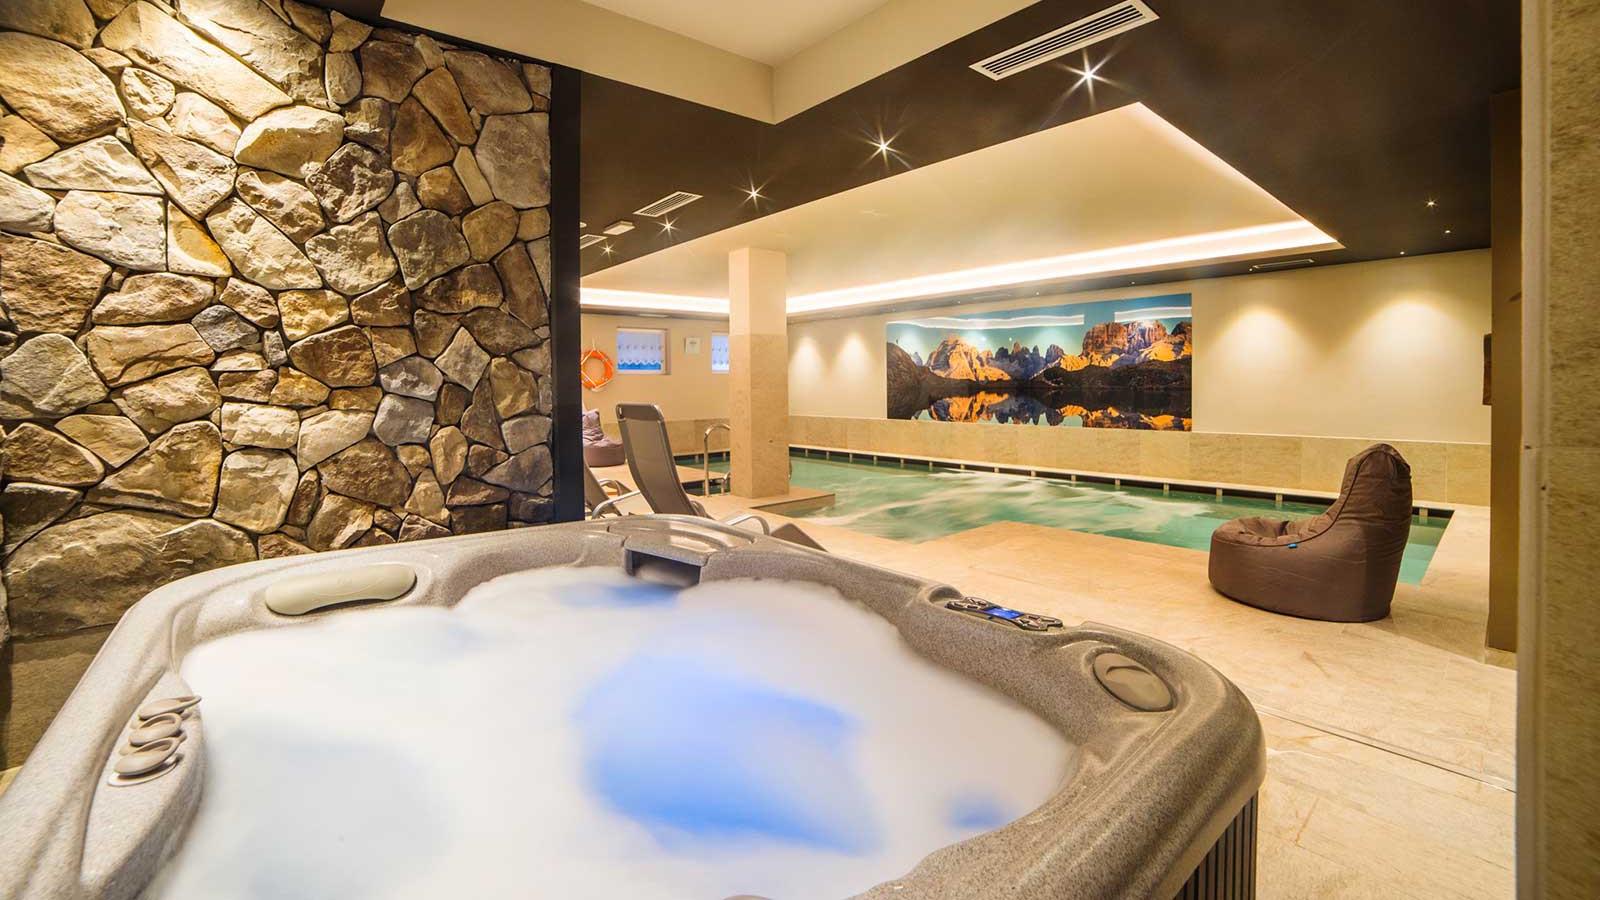 Hot Tub - Hotel Cime d'Oro, Madonna di Campiglio